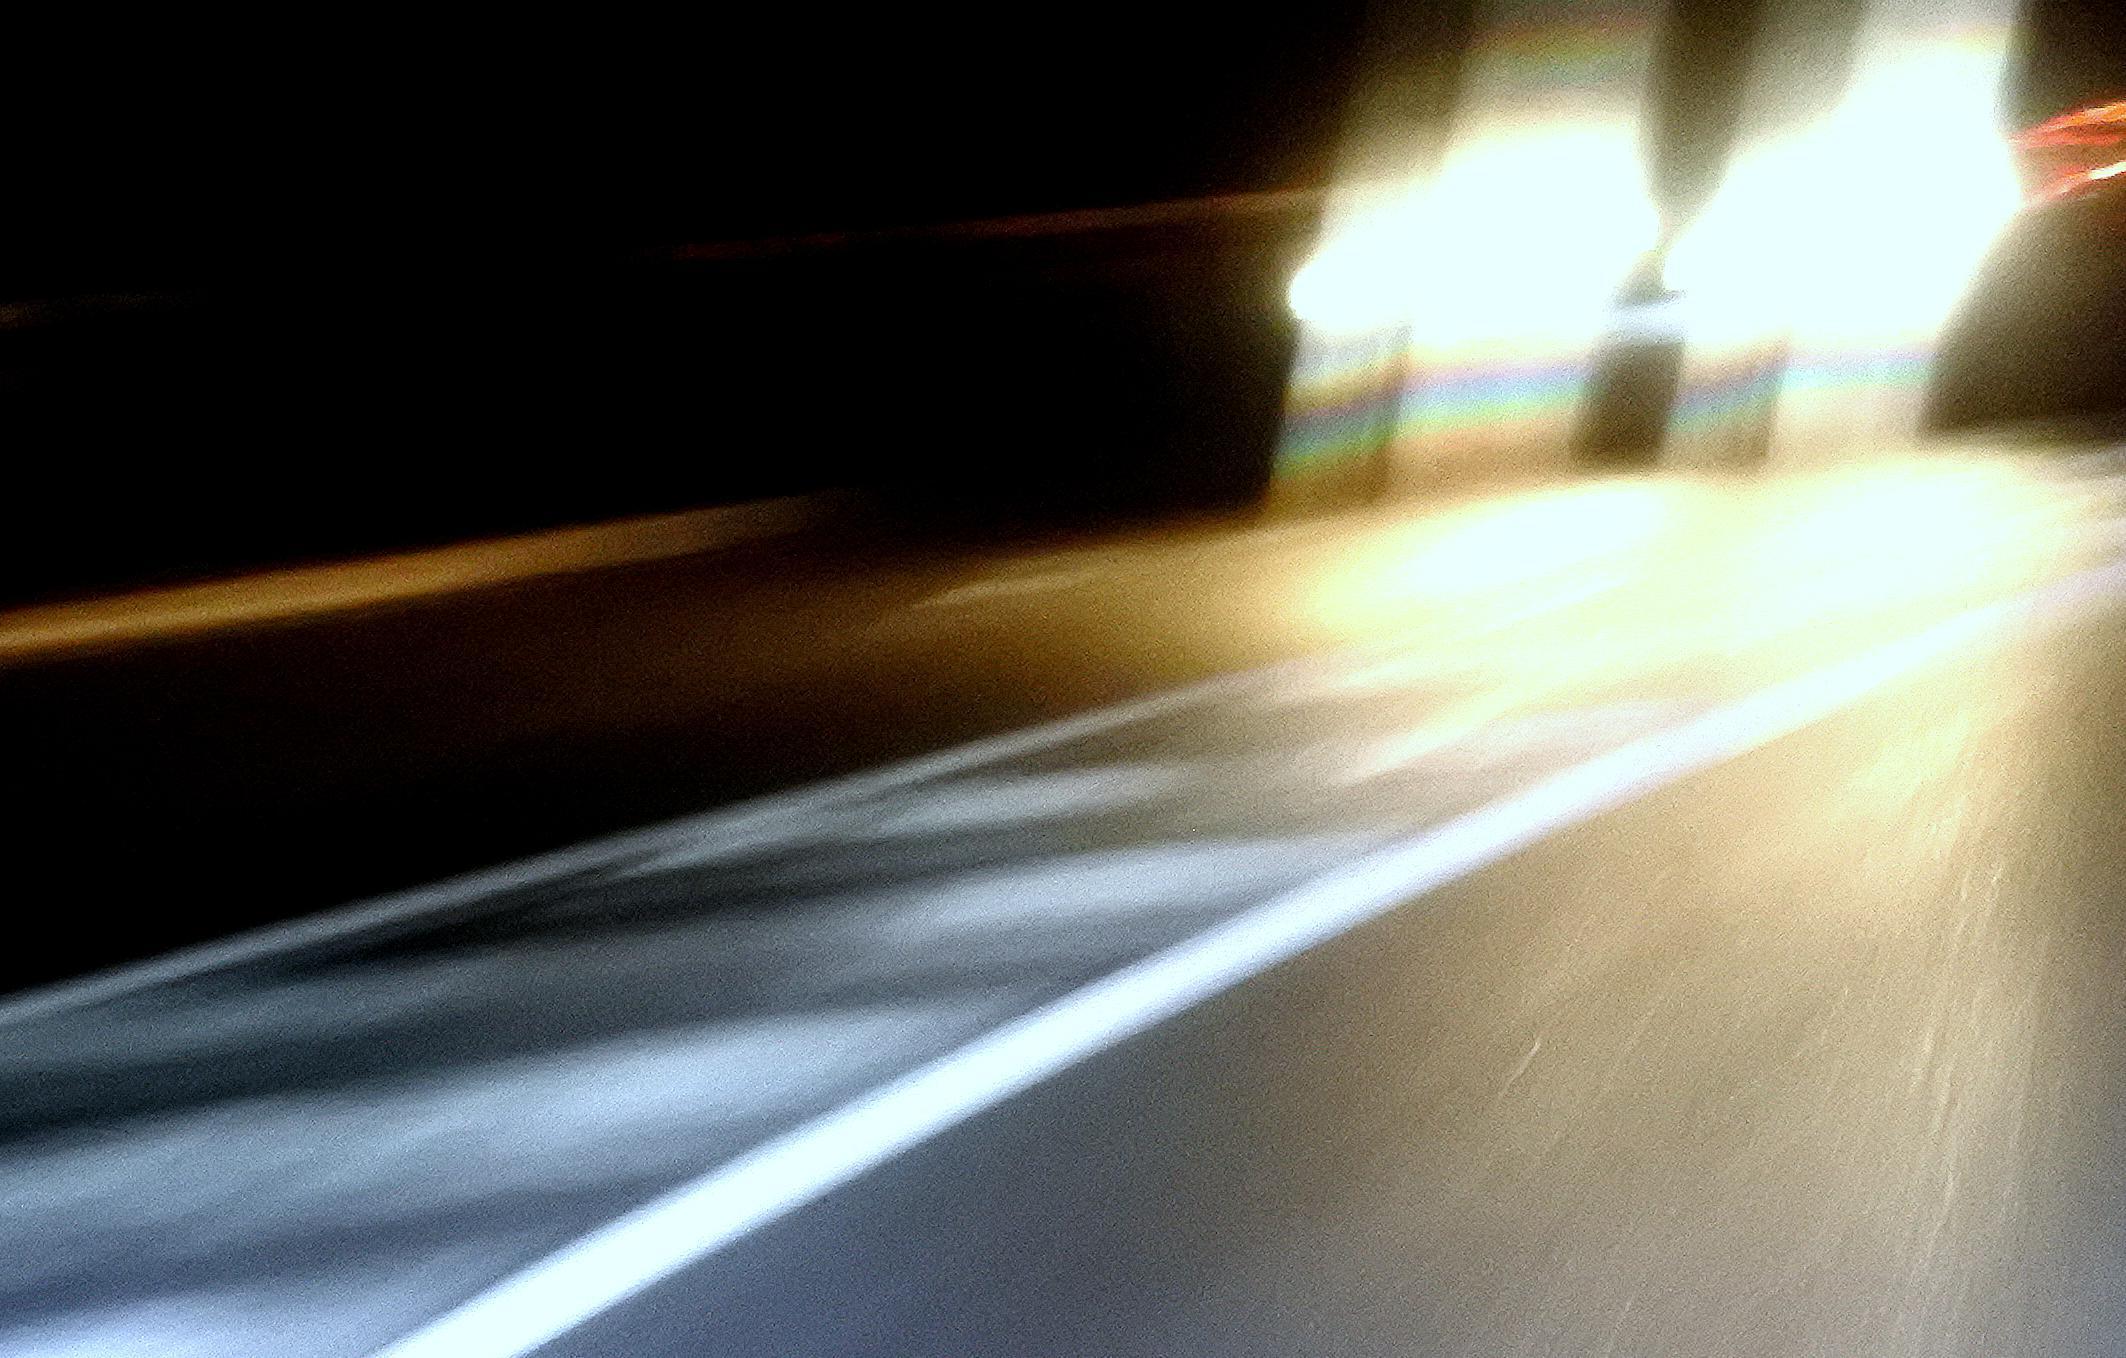 Chemie-Wissen für Schlaumeier: Warum eigentlich leuchten Straßenmarkierungen?